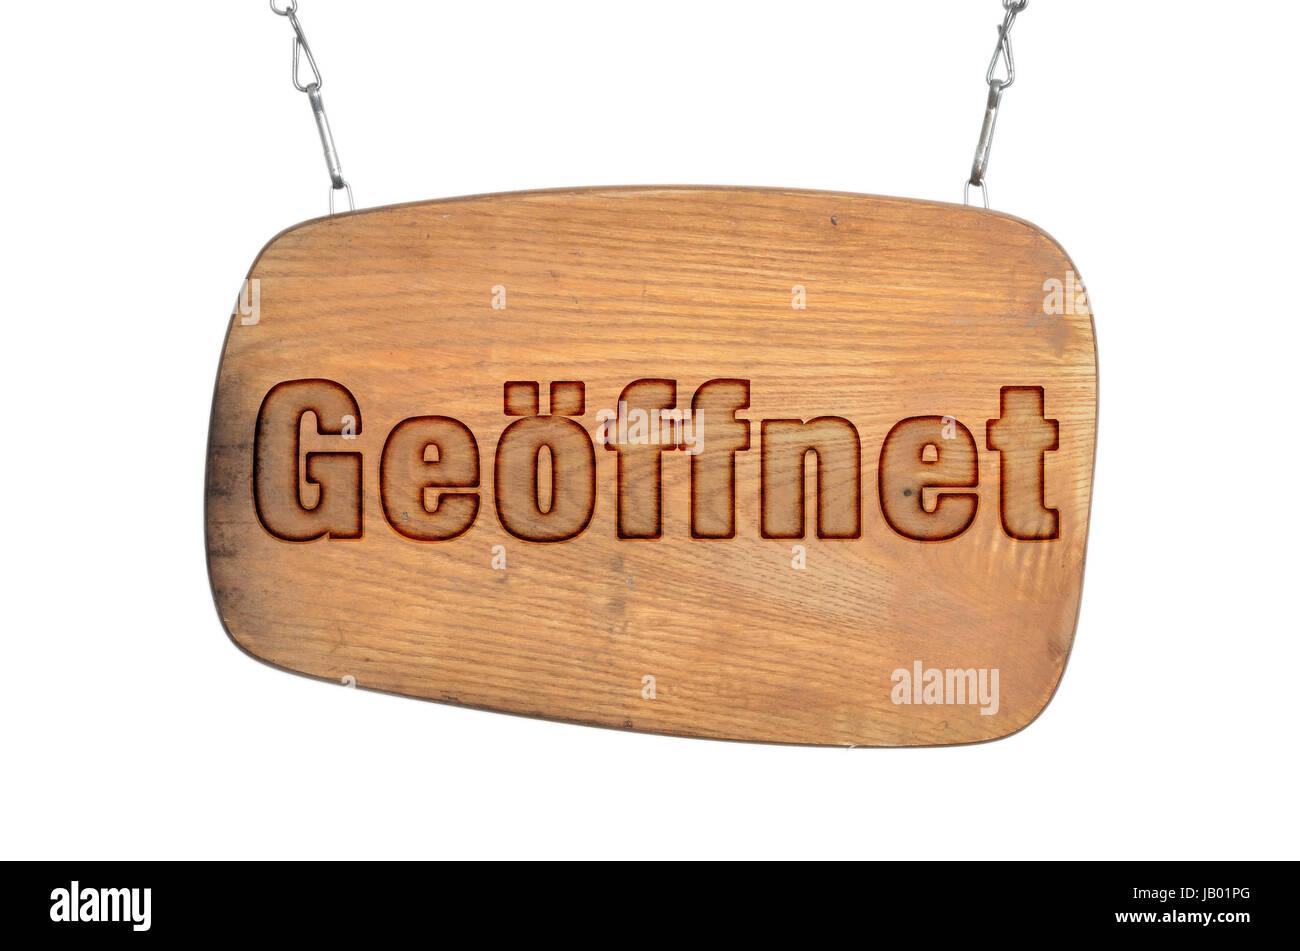 Geöffnet Holz Schild Offen Türschild Stock Photo: 144445576 - Alamy